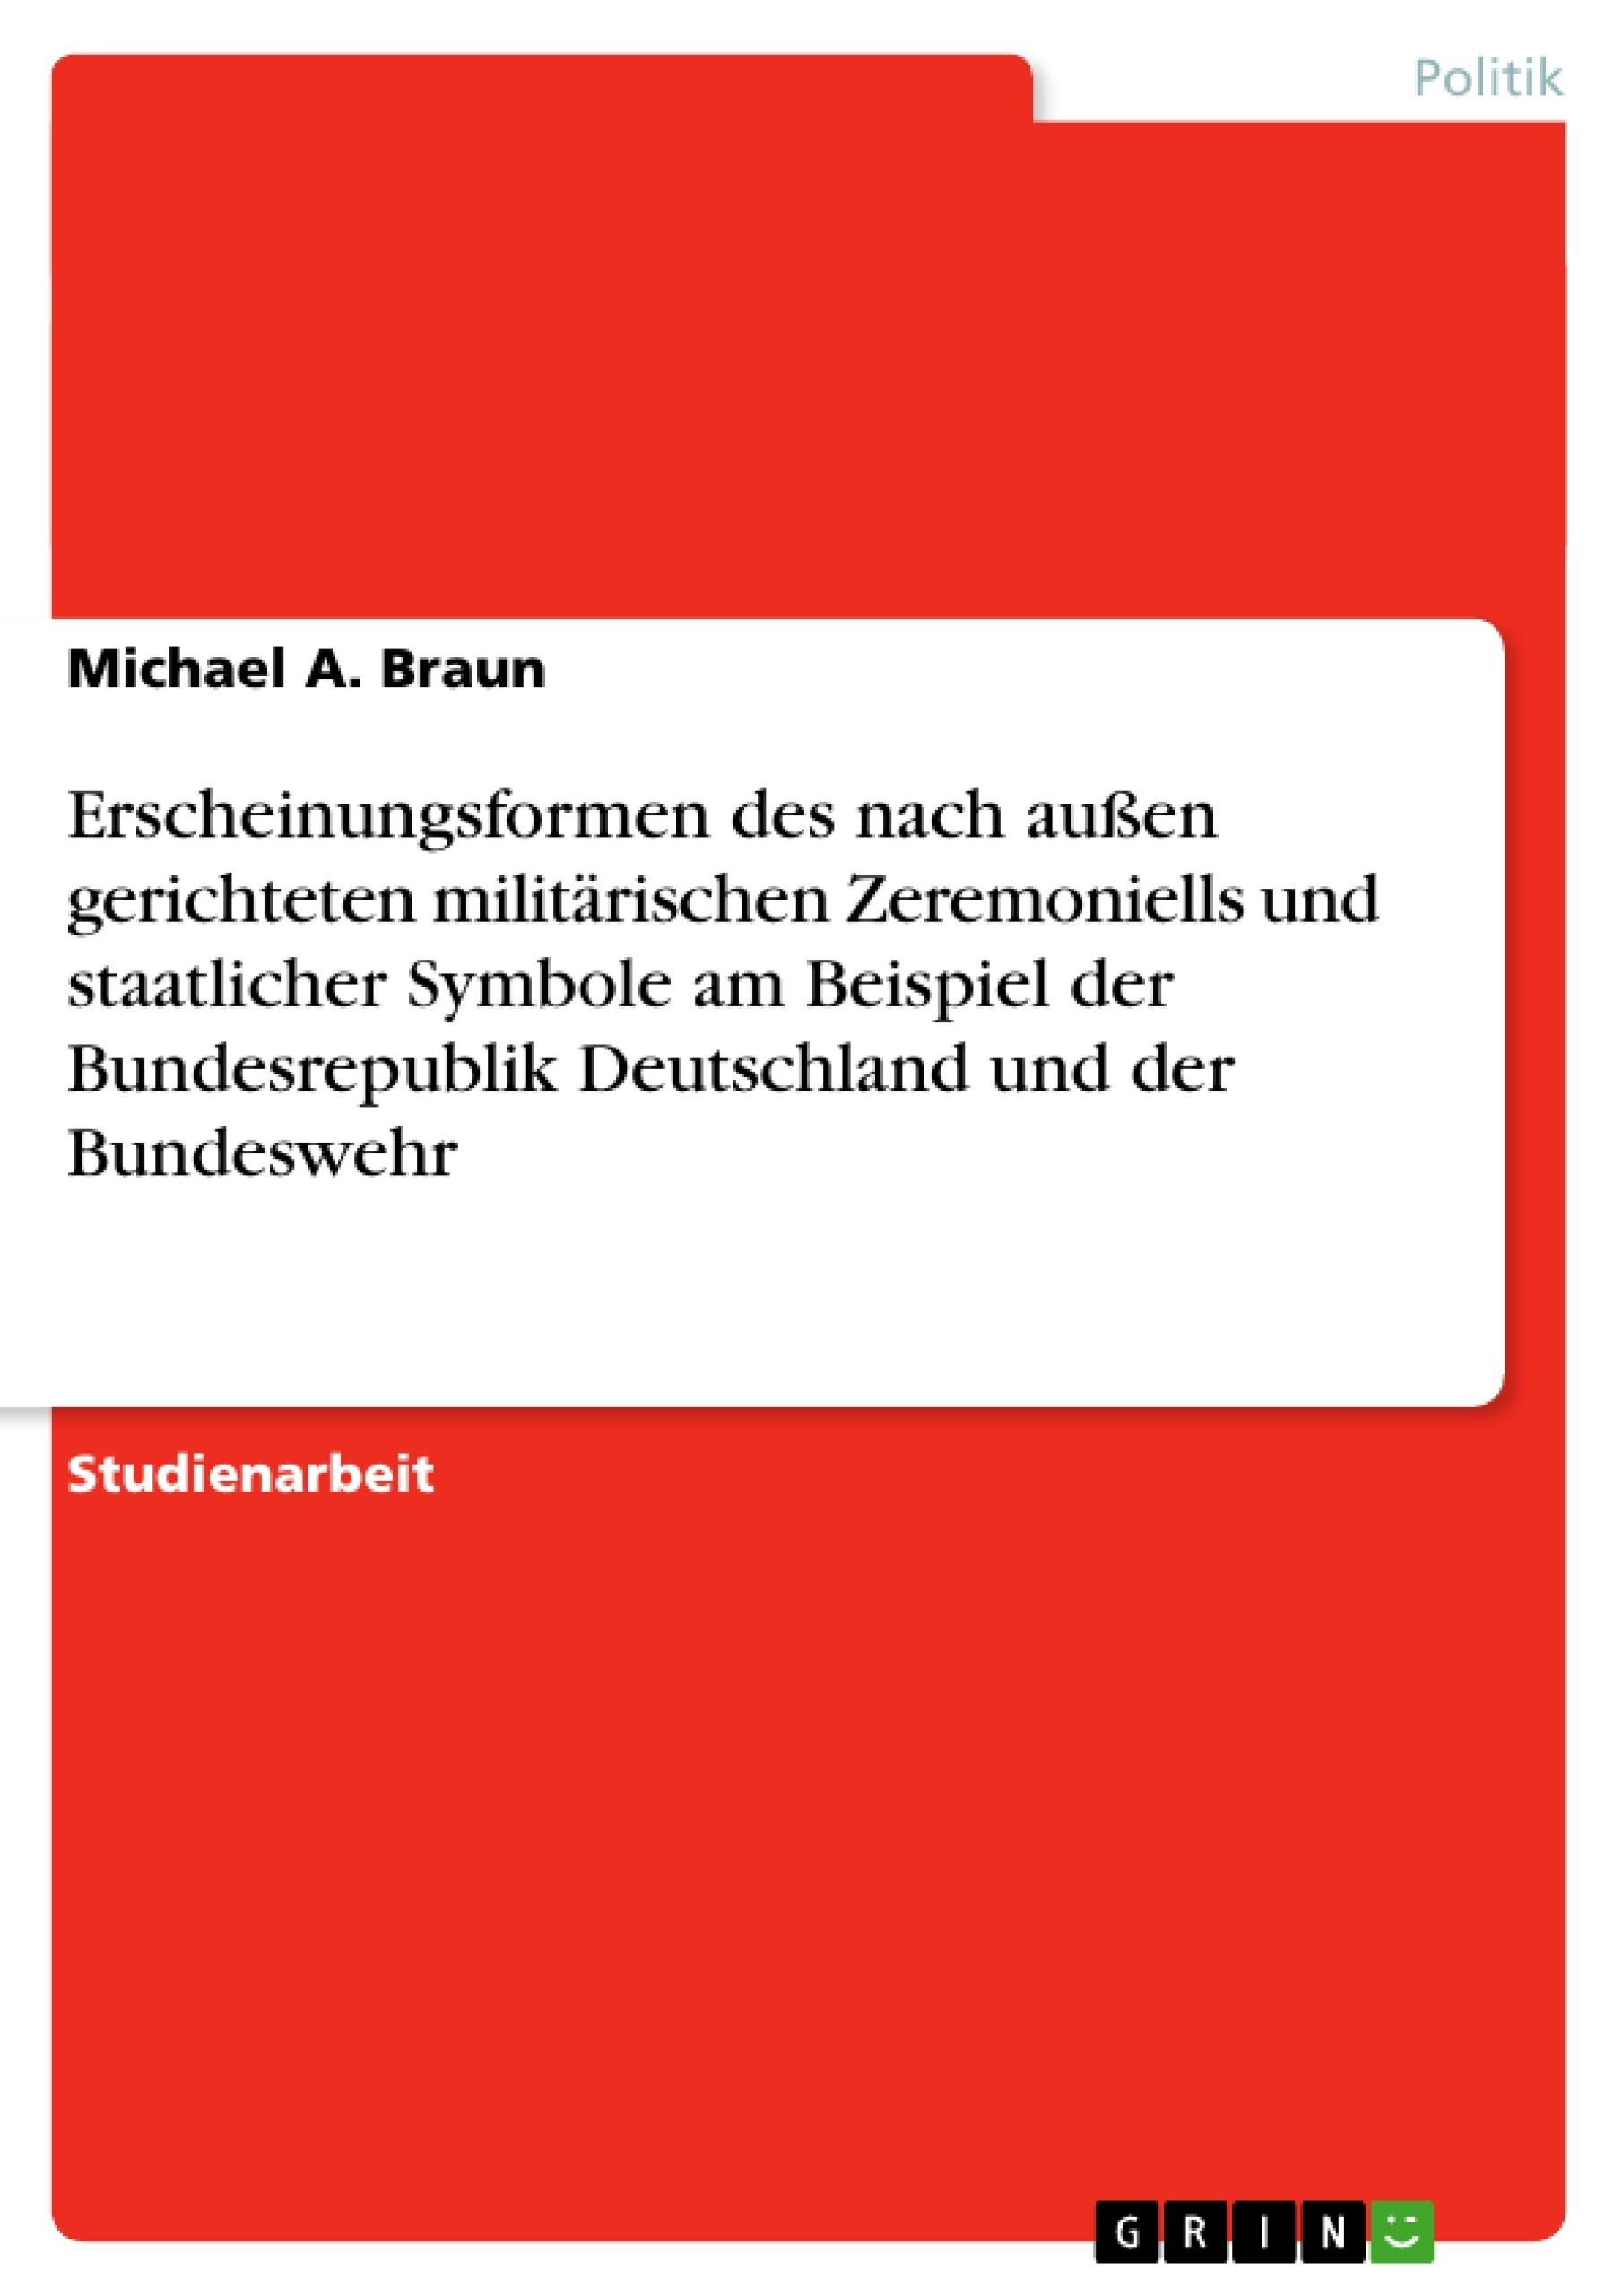 Titel: Erscheinungsformen des nach außen gerichteten militärischen Zeremoniells und staatlicher Symbole am Beispiel der Bundesrepublik Deutschland und der Bundeswehr